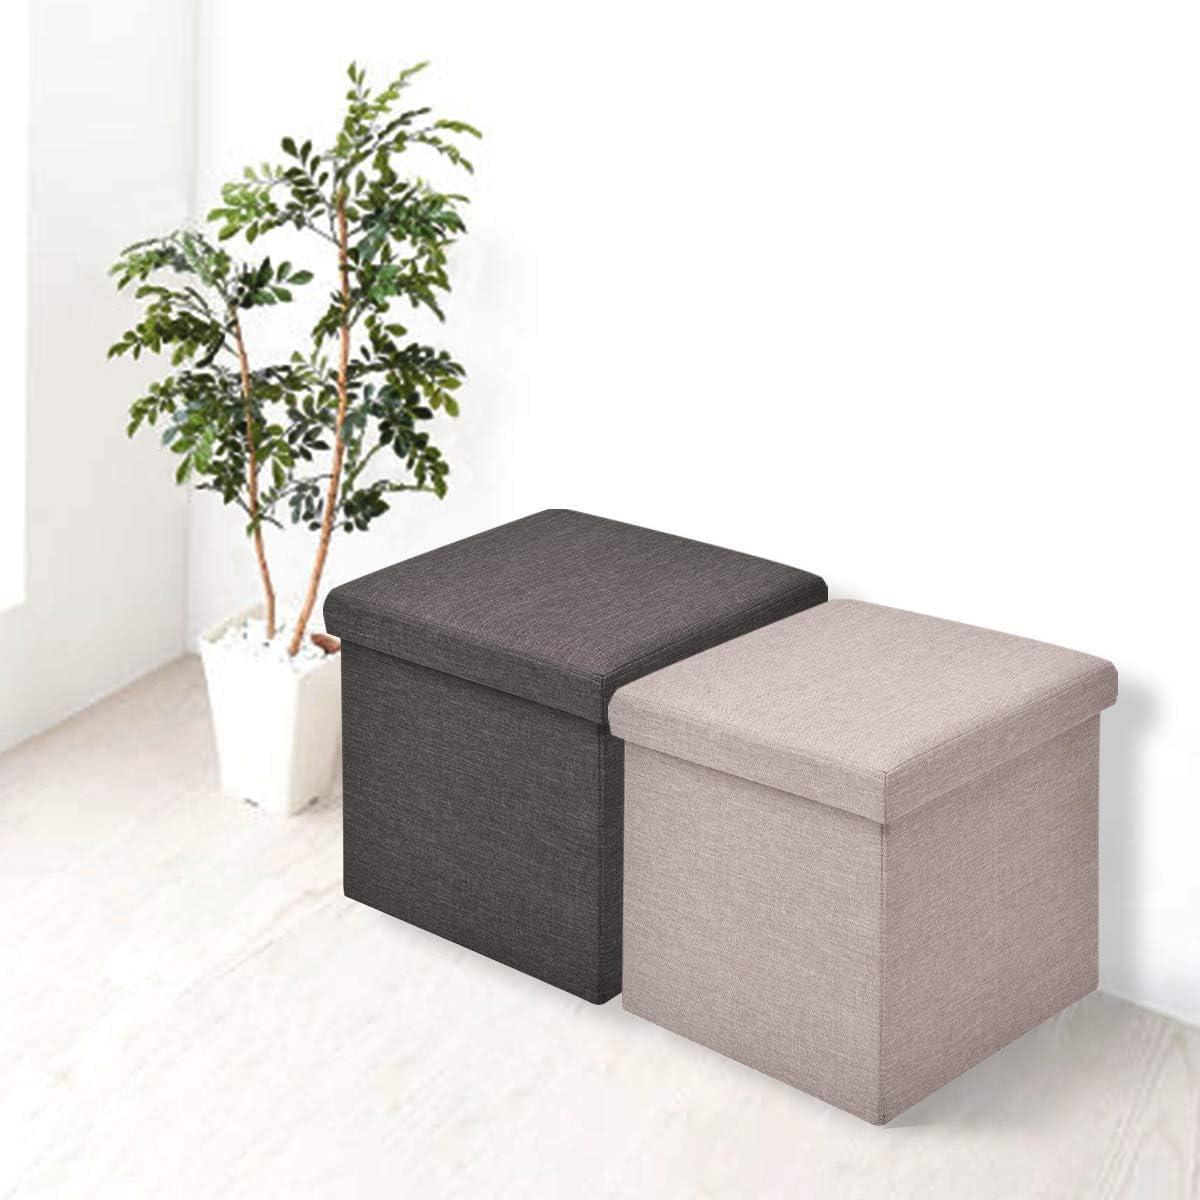 DREAMADE Pouf de Rangement Pliable Multi-Fonction Tabouret Pliant de Stockage Coffre Cube Id/éal pour Table de Caf/é Repose-Pieds en Tissu d/'Oxford et MDF 38 x 38 x 38CM Beige